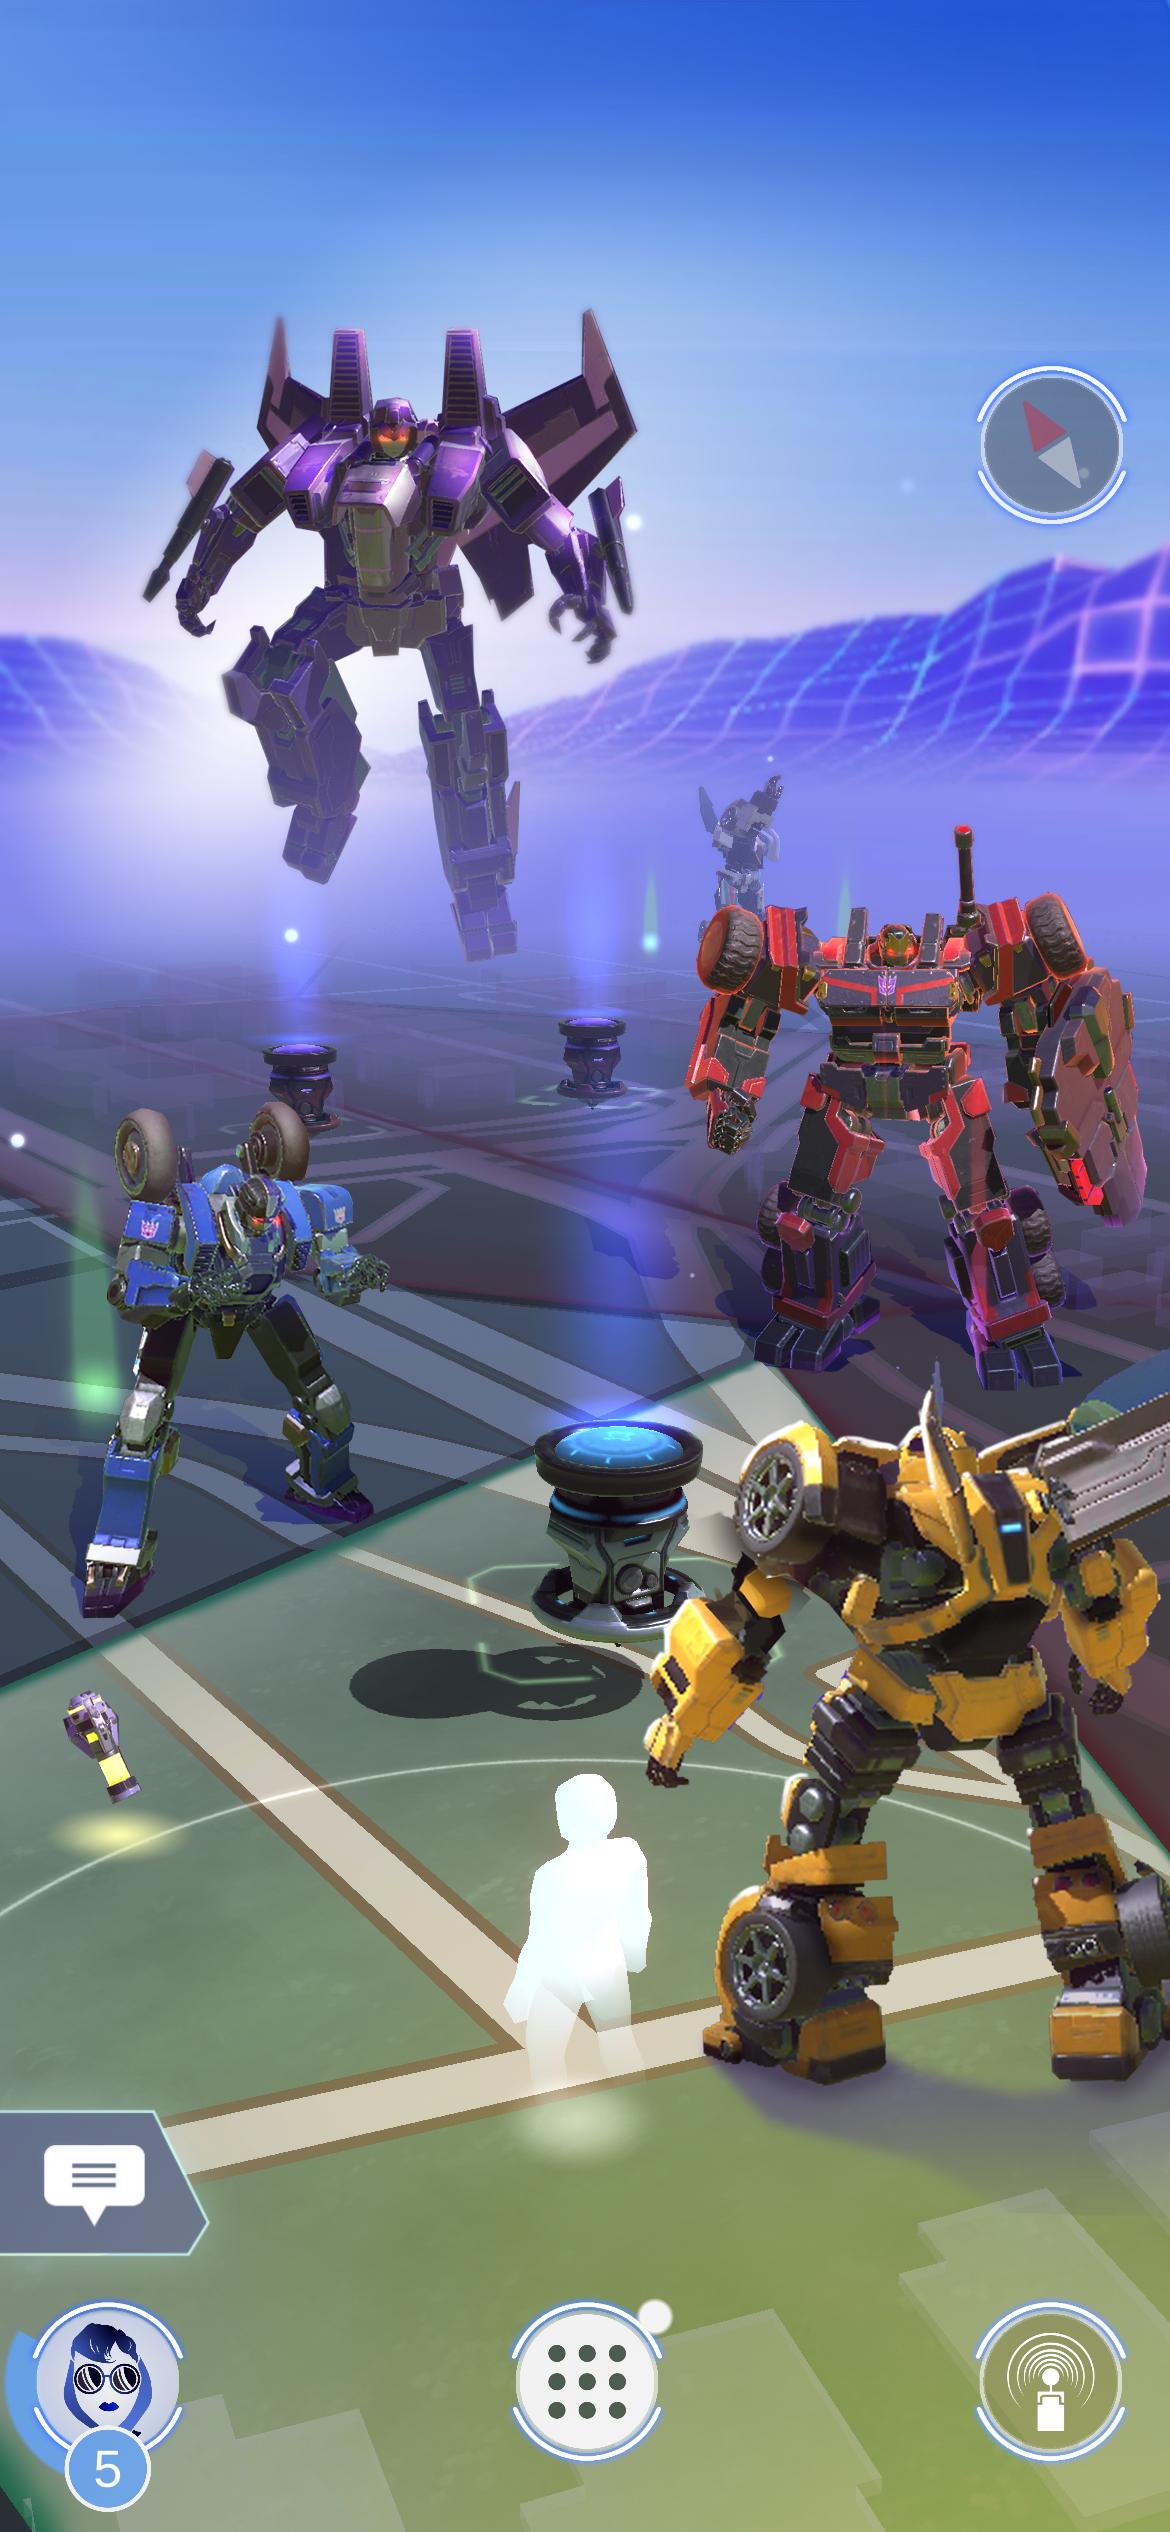 《精灵宝可梦Go》的开发商Niantic正在制作一款变形金刚游戏